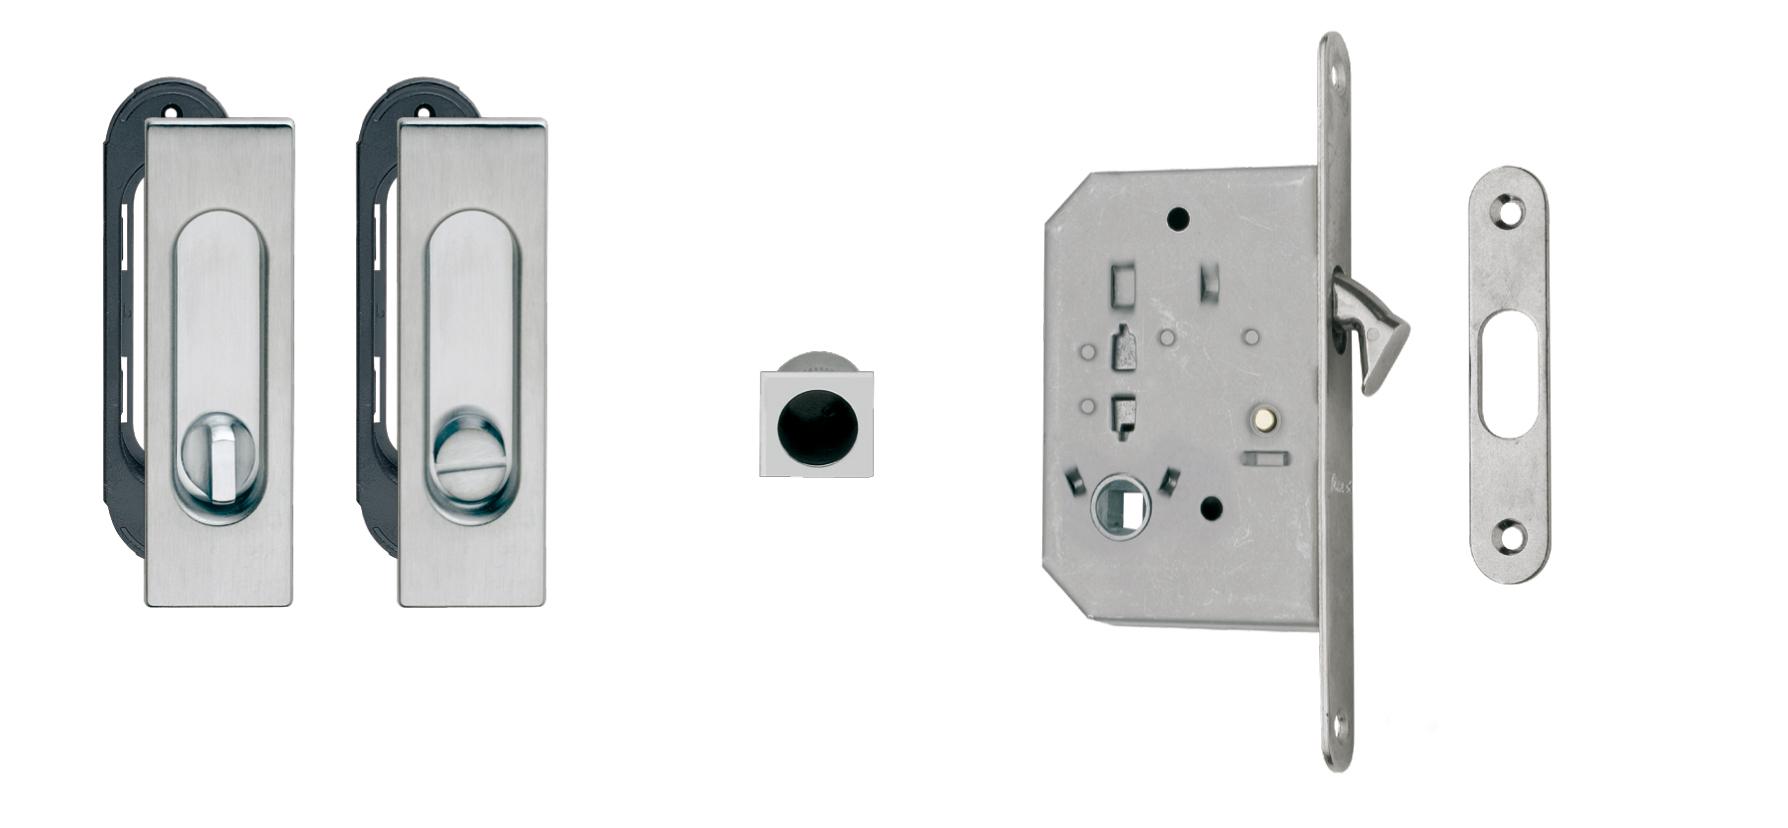 Kit For Sliding Doors 3663ar Lock 61 50 Wc Fimet Maniglie